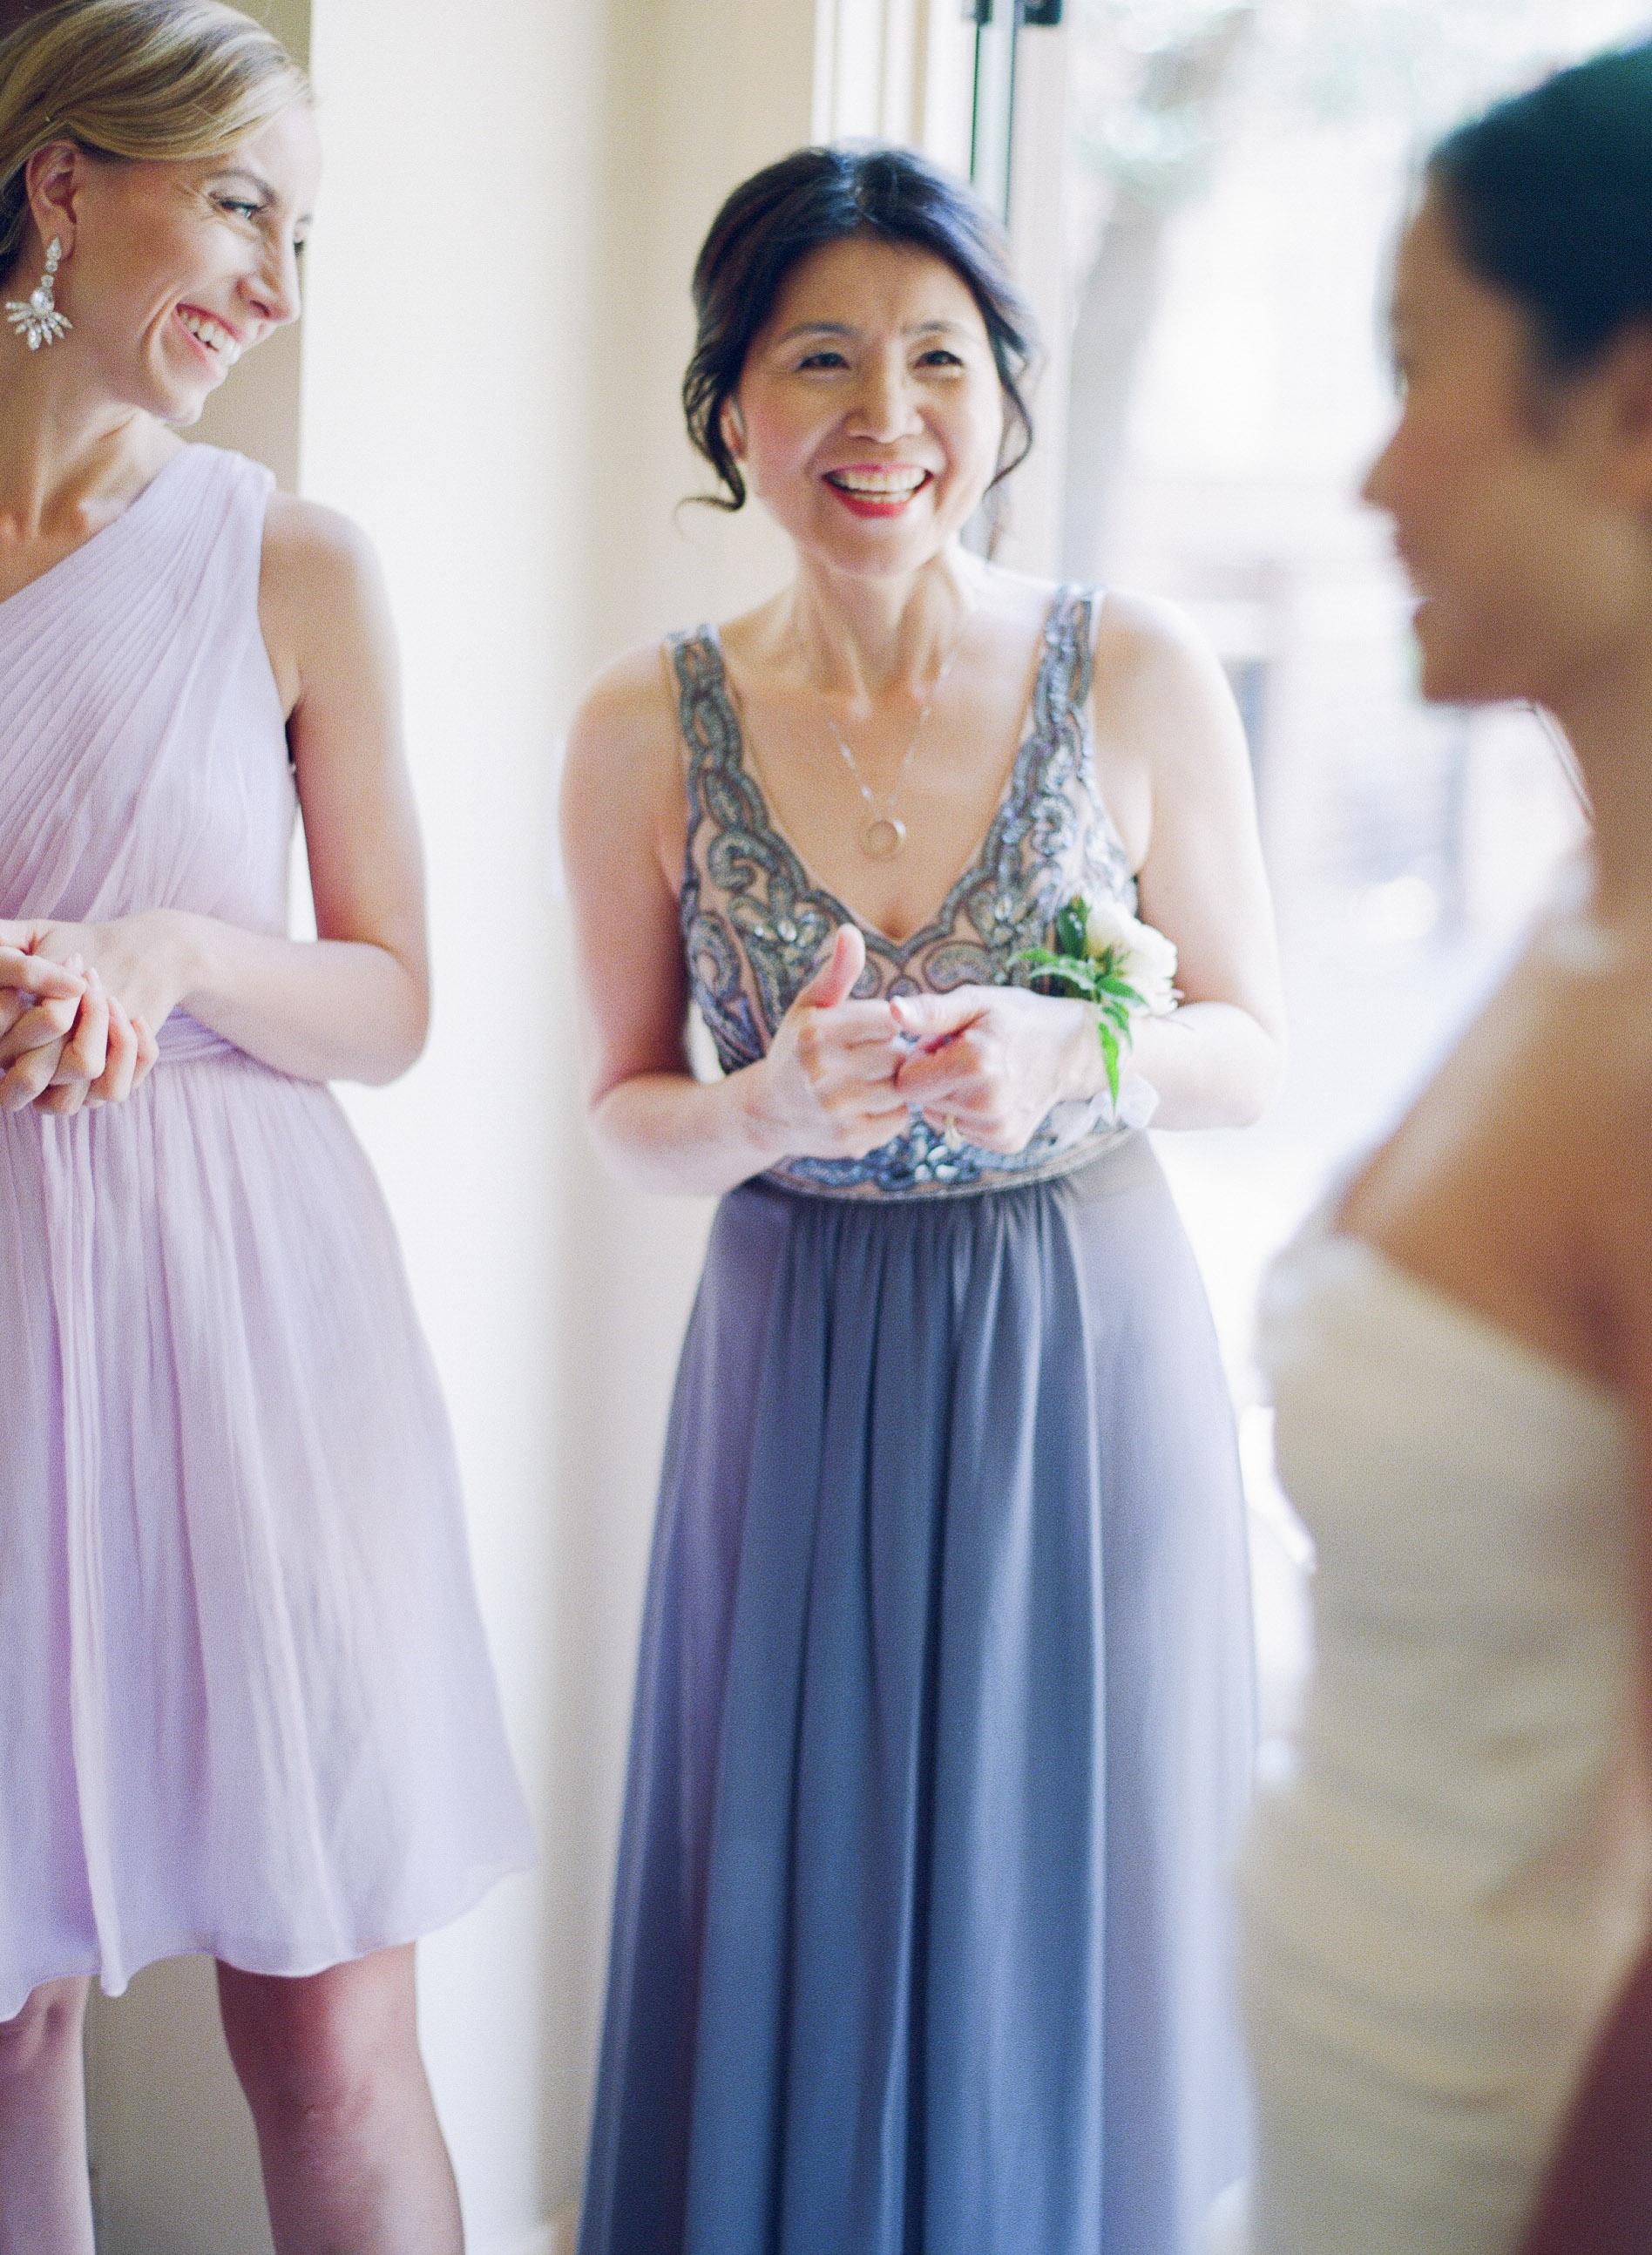 SylvieGil-Bride, Ceremony, Family, film, Groom, Napa, Reception, Wedding, Wedding Party-4.jpg